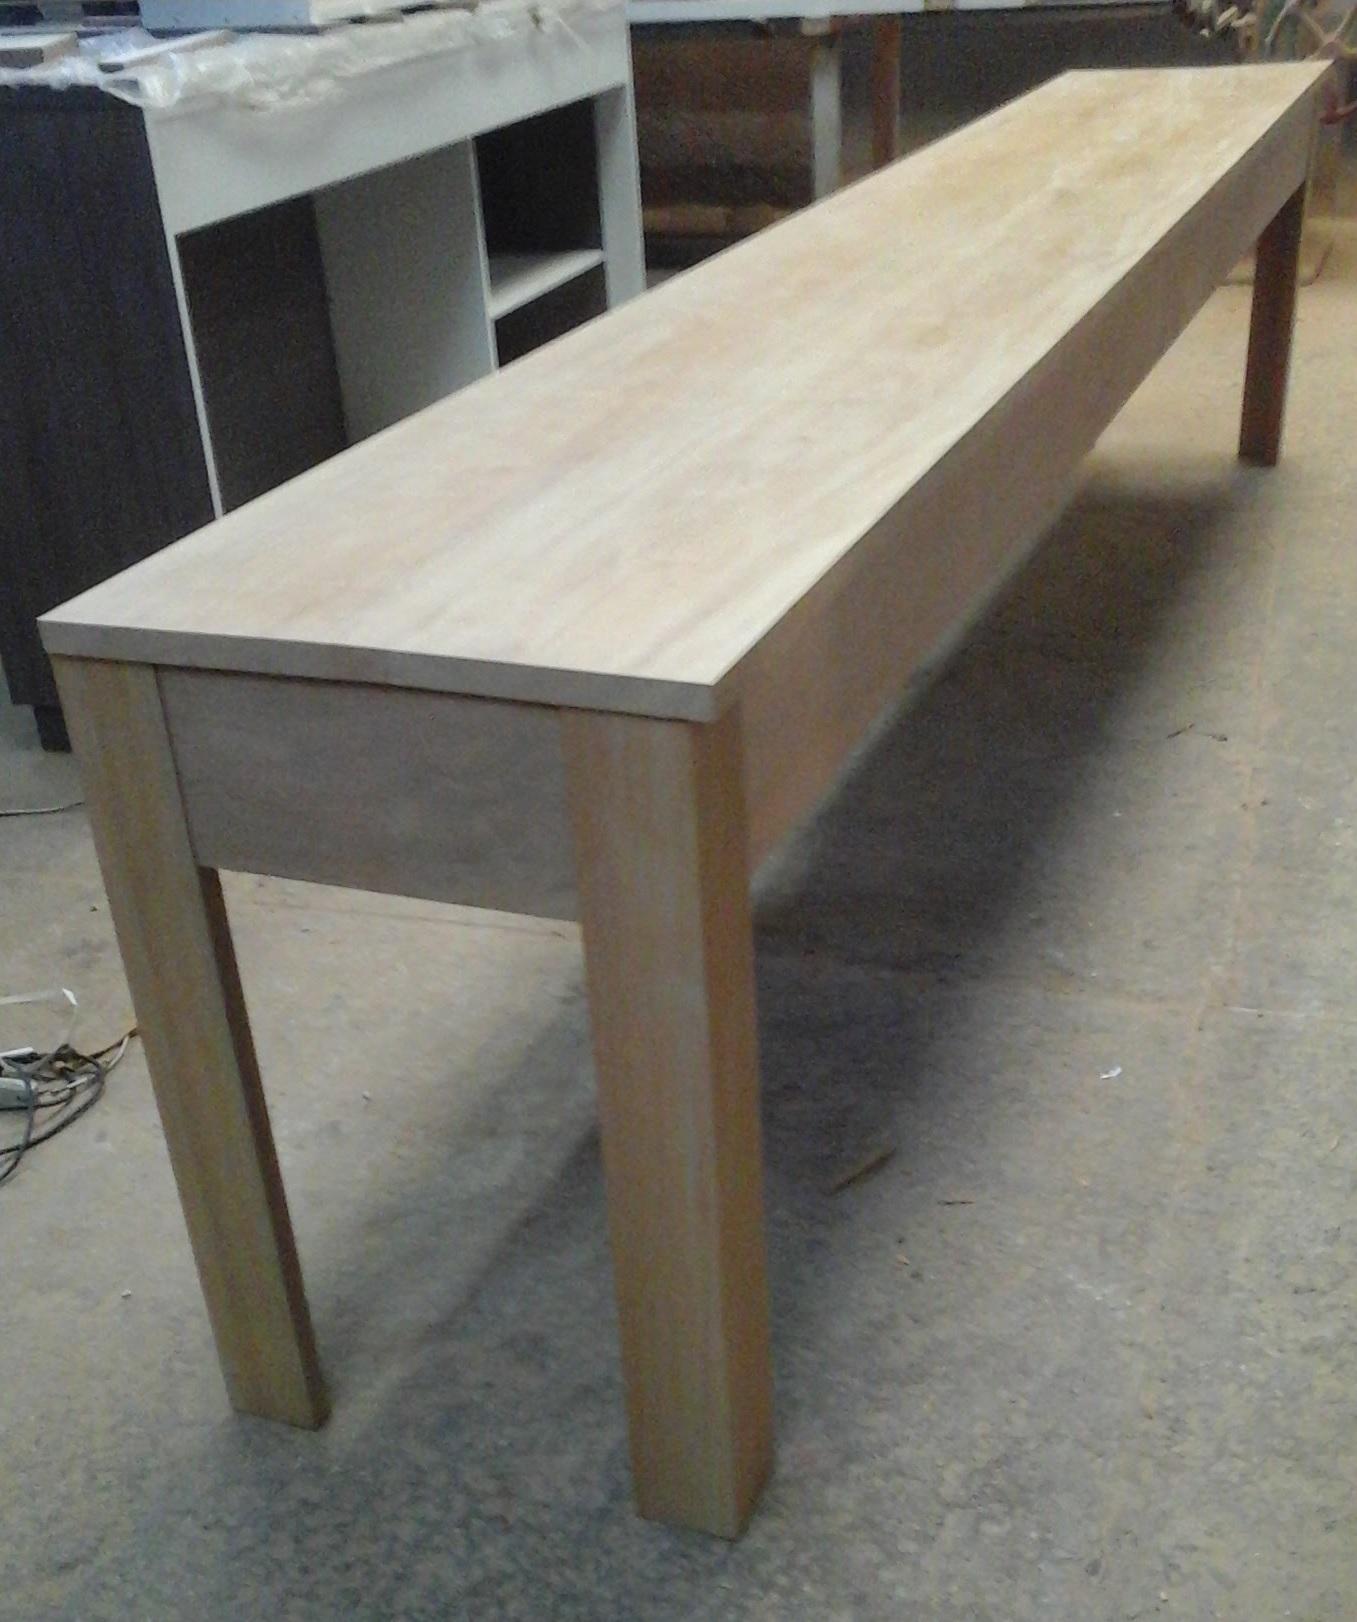 Mesa maciça em madeira de peroba mica.